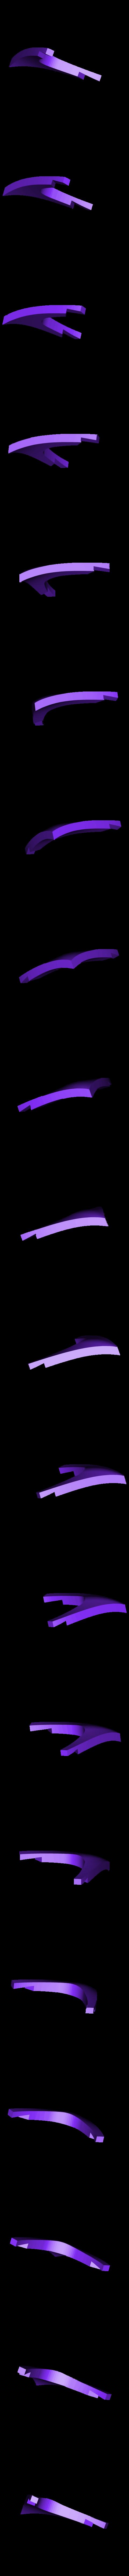 black nose.stl Télécharger fichier STL gratuit 1991 Mazda 787B 3d Voiture RC imprimée de 1991 • Objet à imprimer en 3D, brett